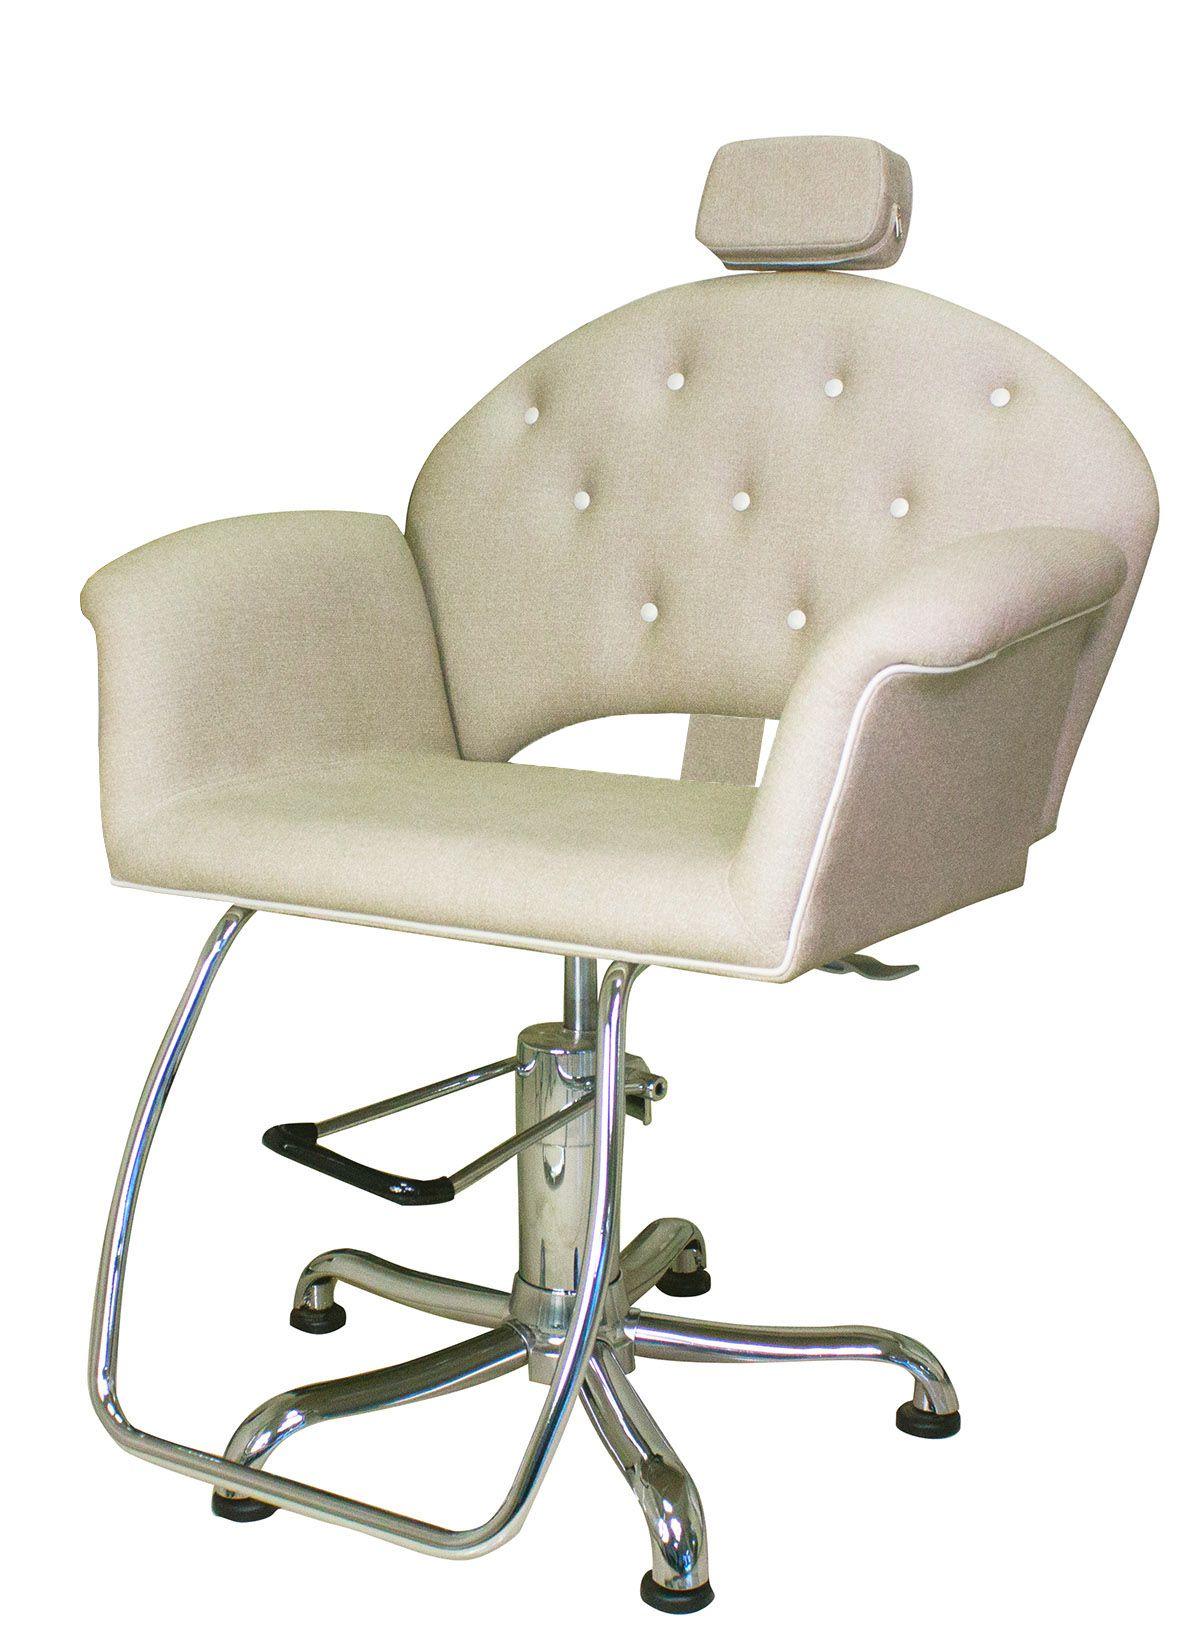 Poltrona Cadeira Kixiki Velvet - Reclinável Para Salão